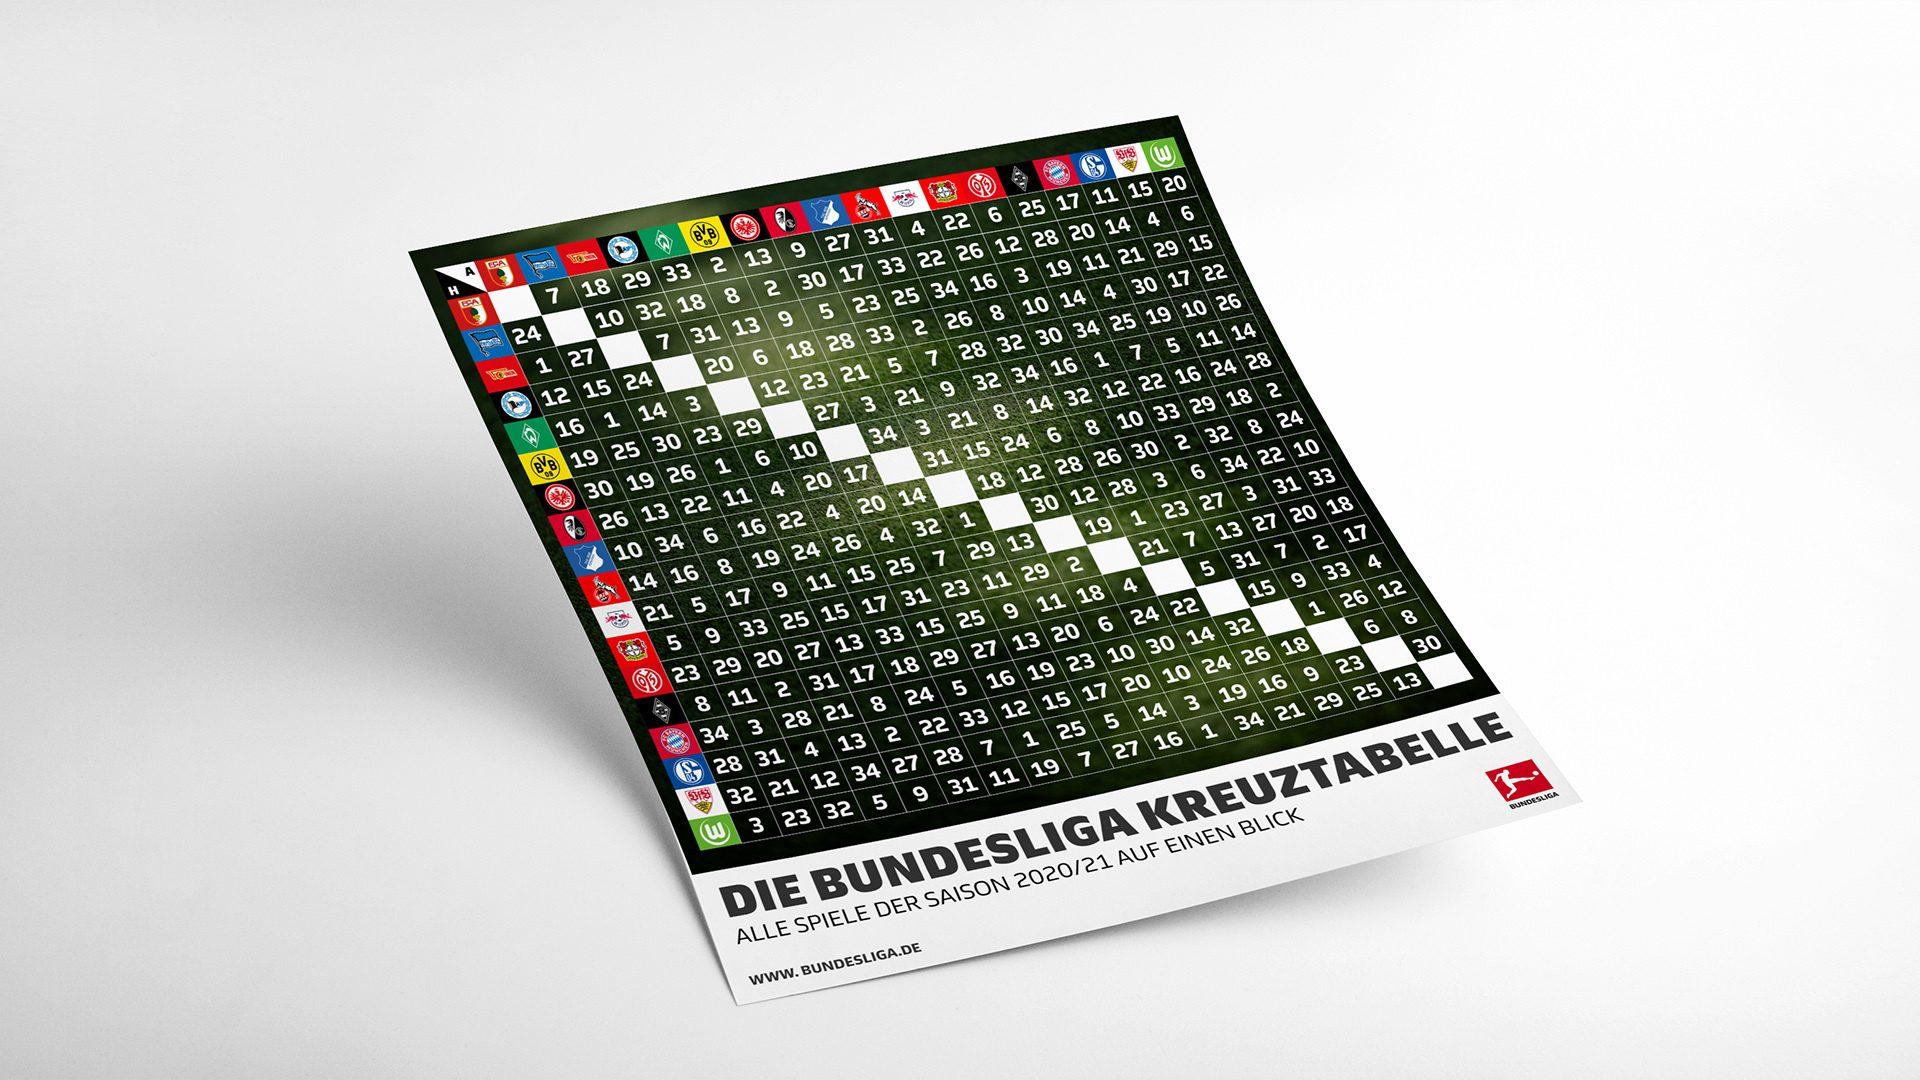 Bundesliga Kreuztabelle